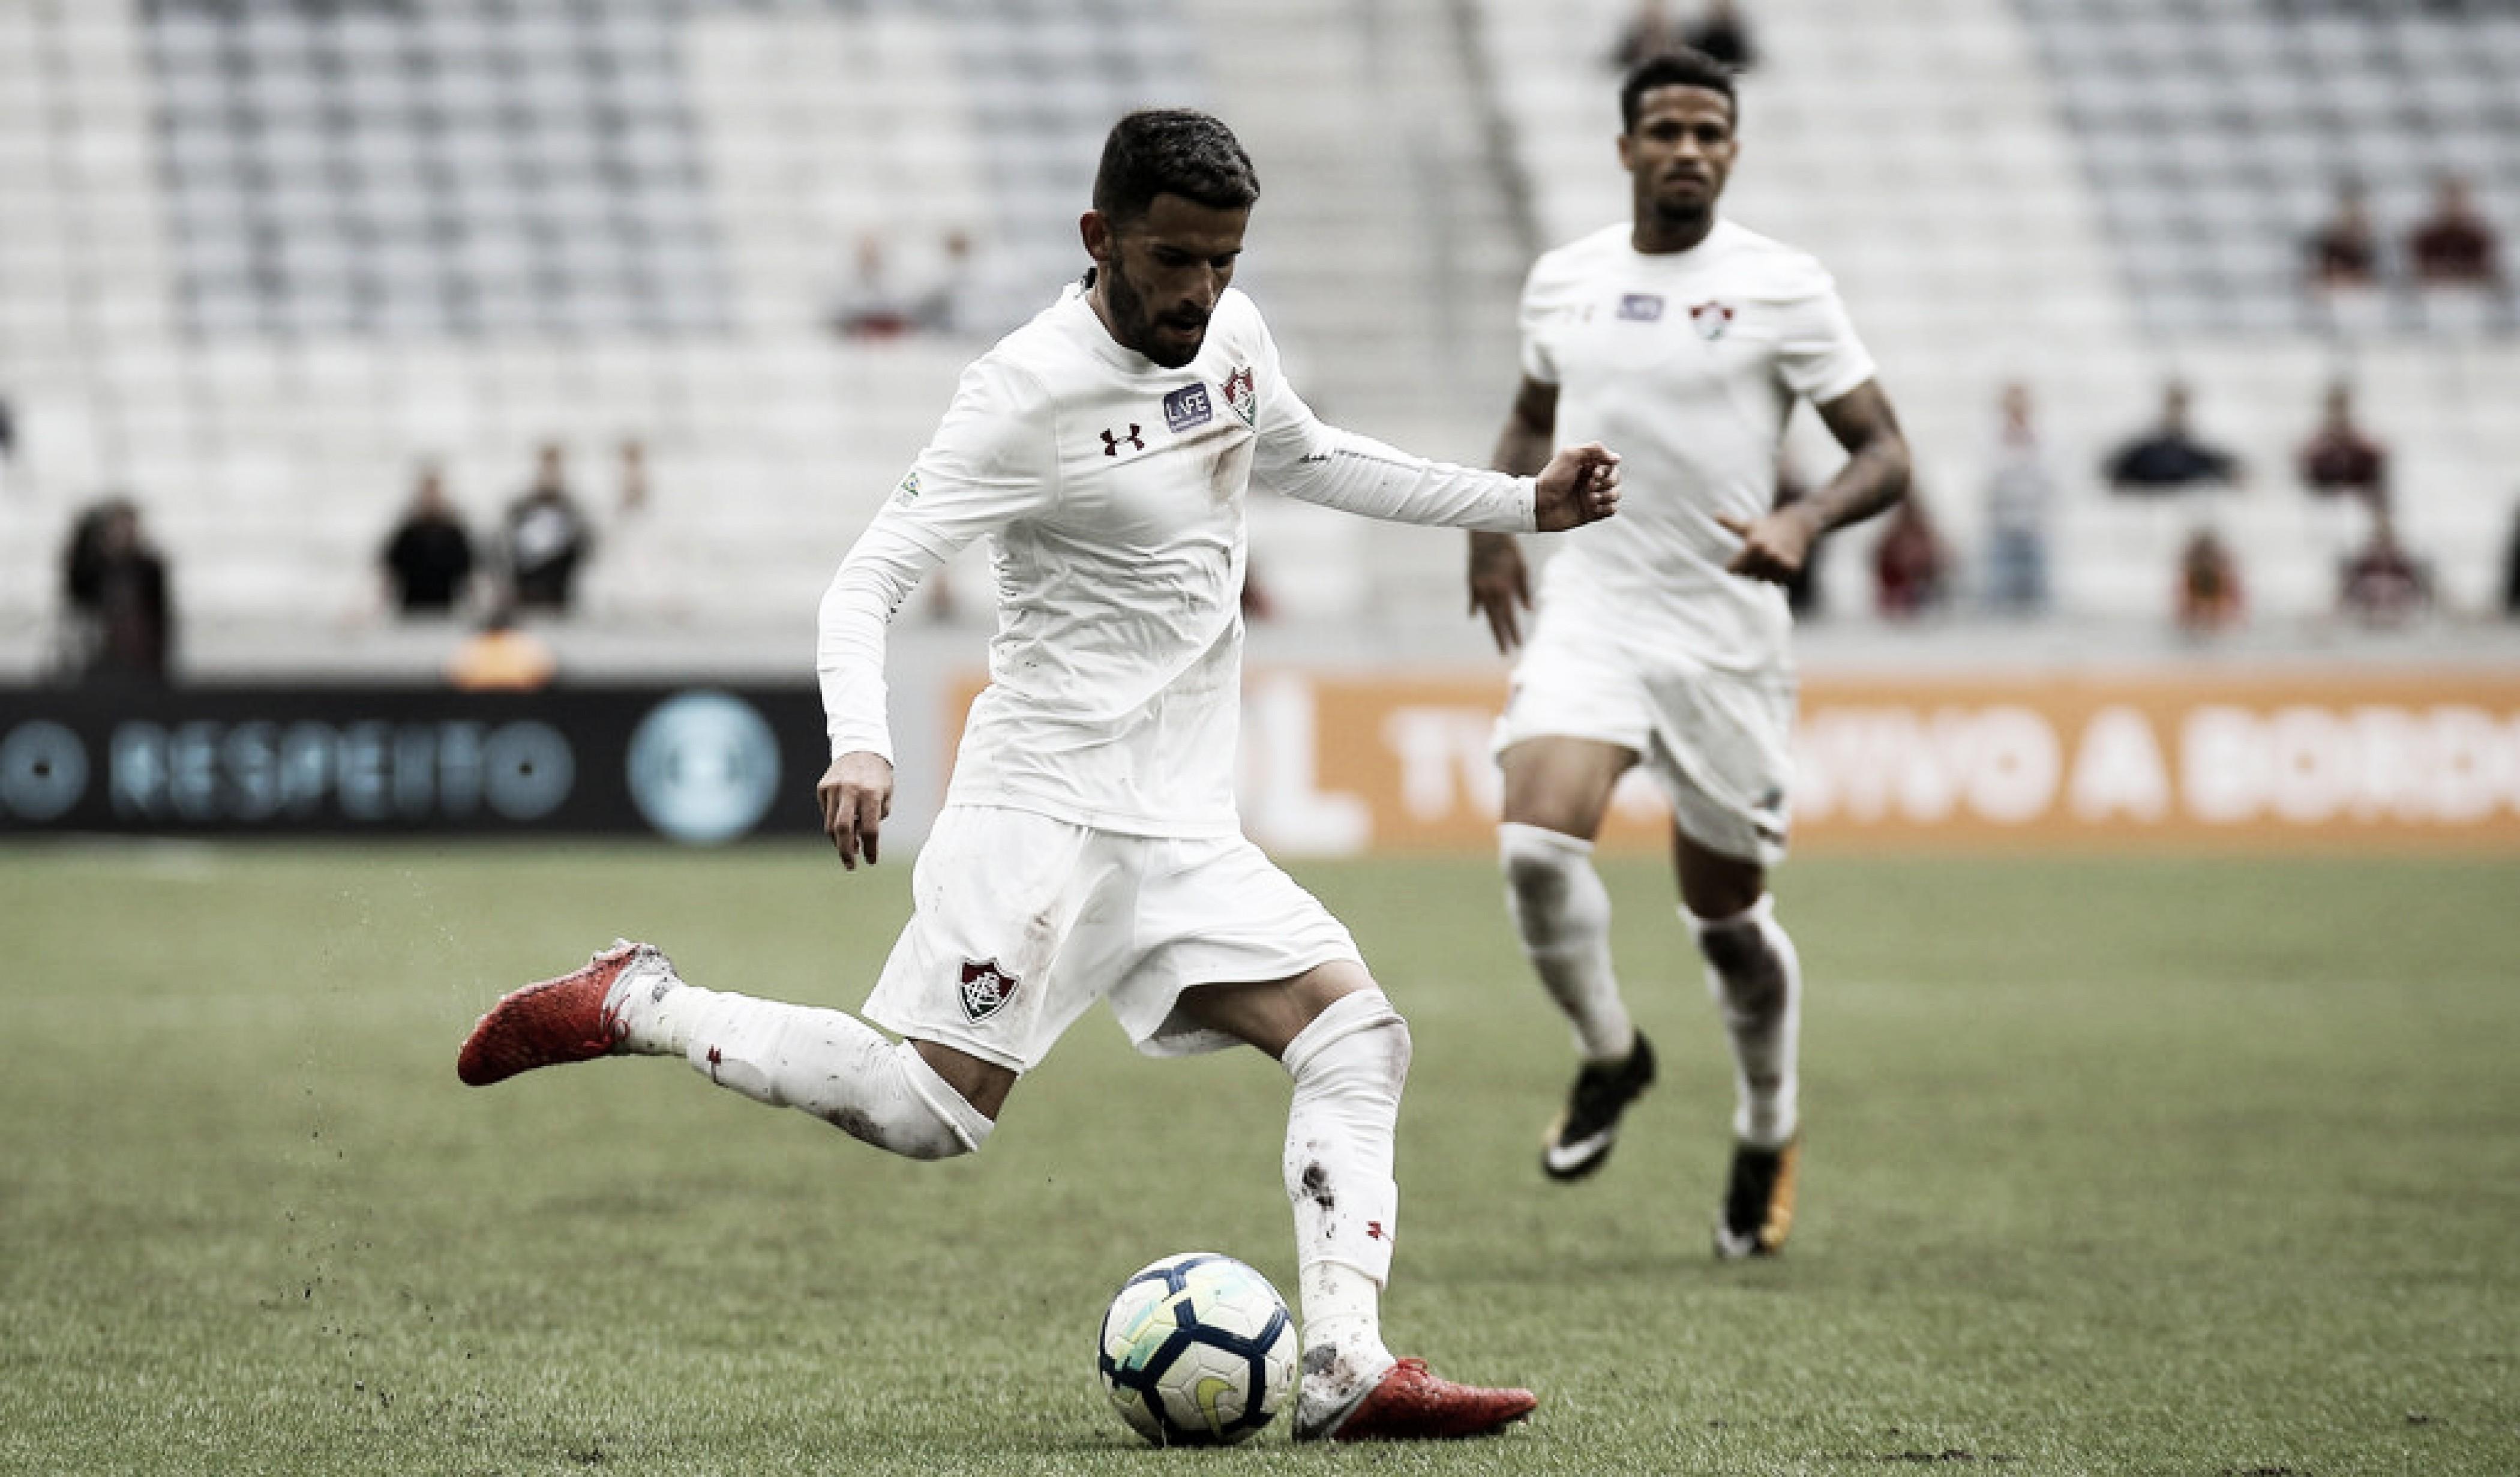 Jadson critica atuação do Fluminense após derrota: ''Um dos piores primeiros tempos do ano''